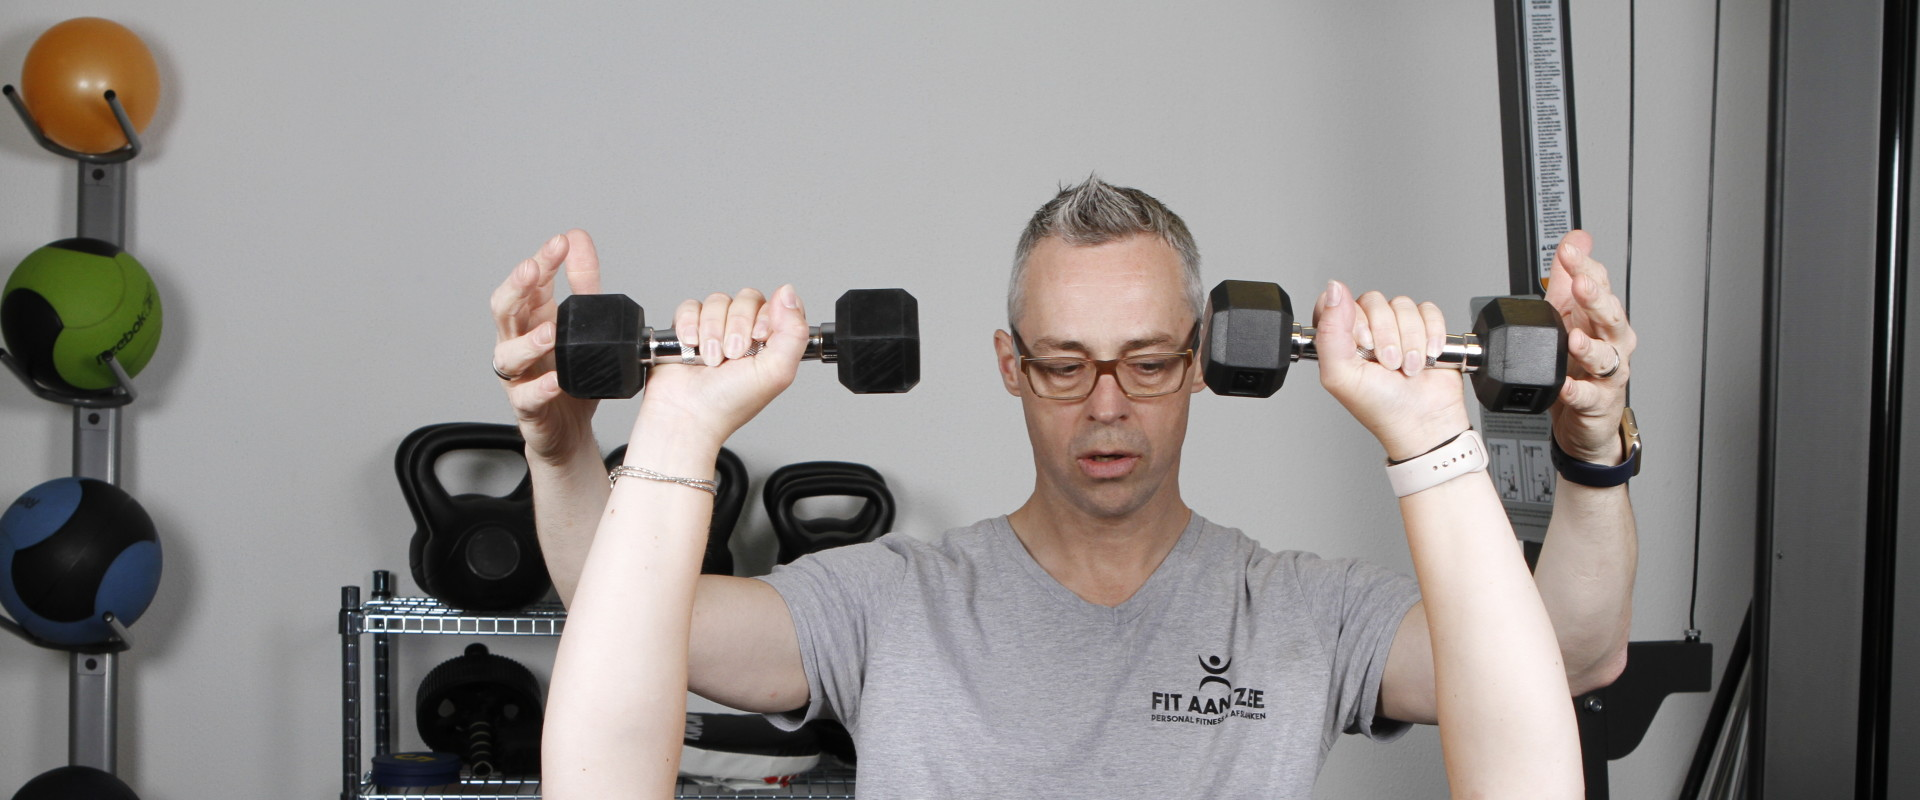 Personal trainer in Katwijk start afslankcursus